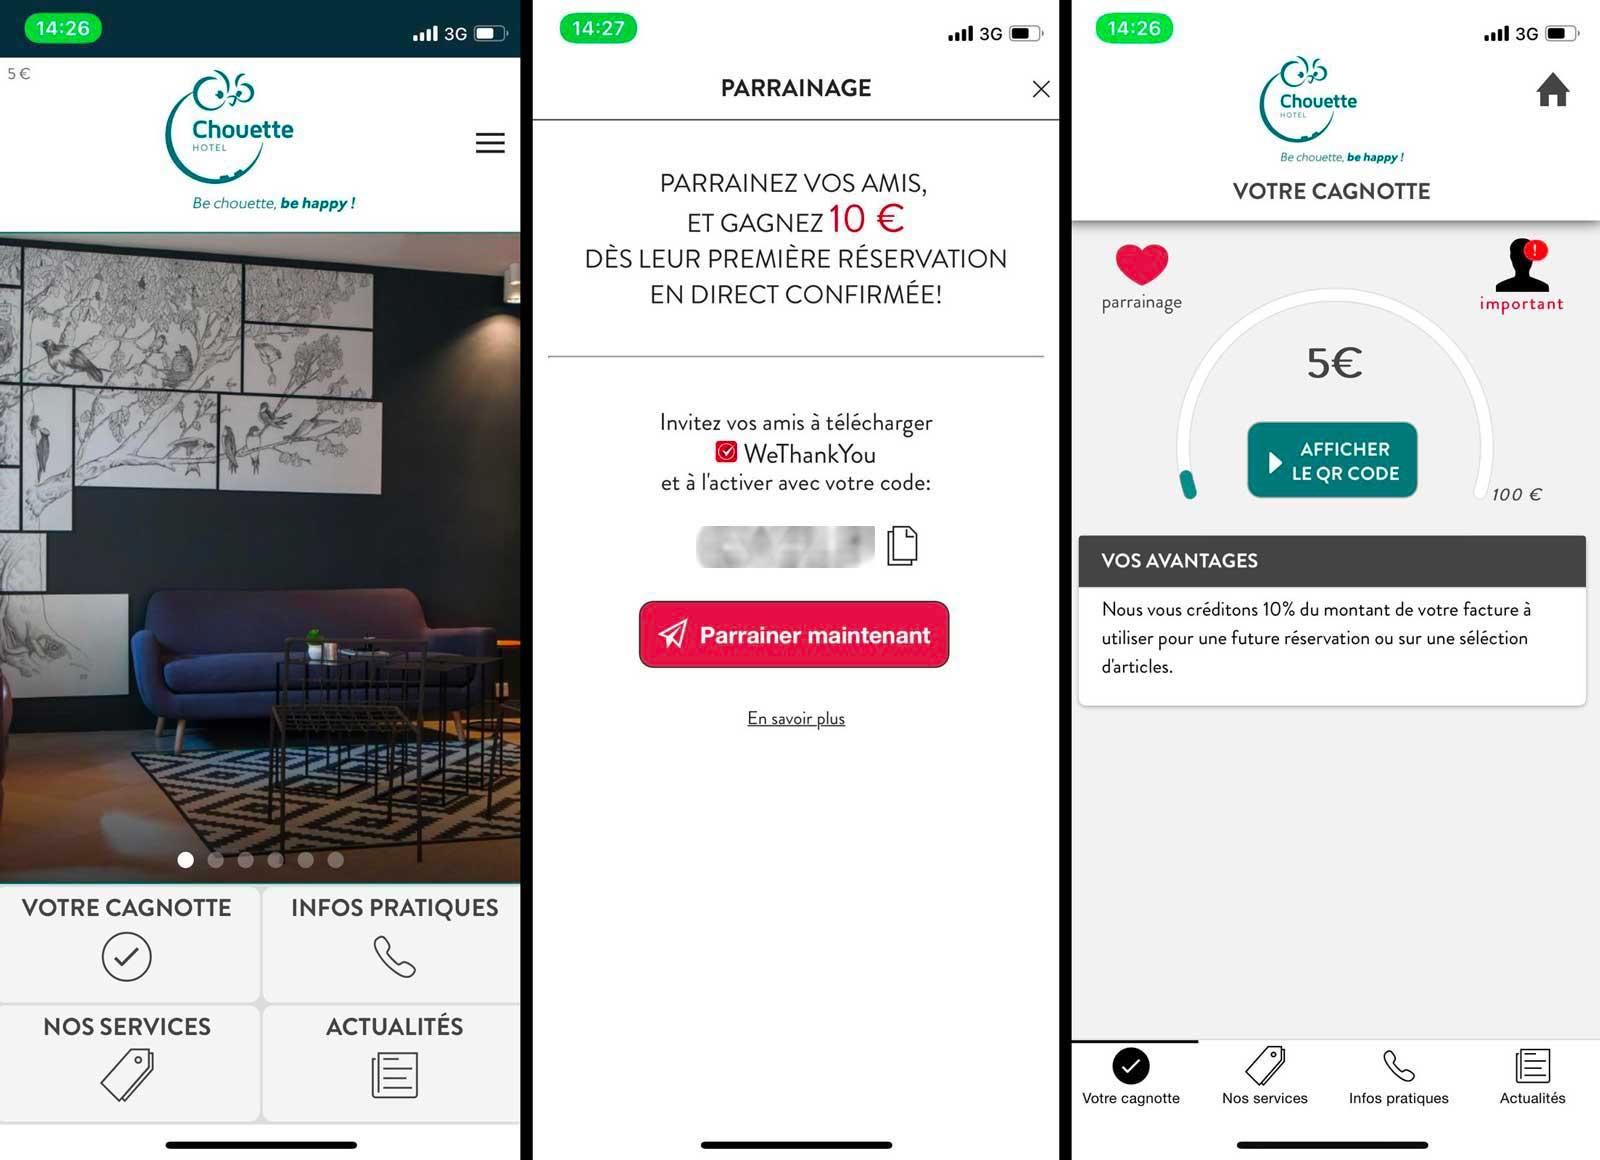 Be Chouette loyalty - the chouette hôtel paris - porte de versailles